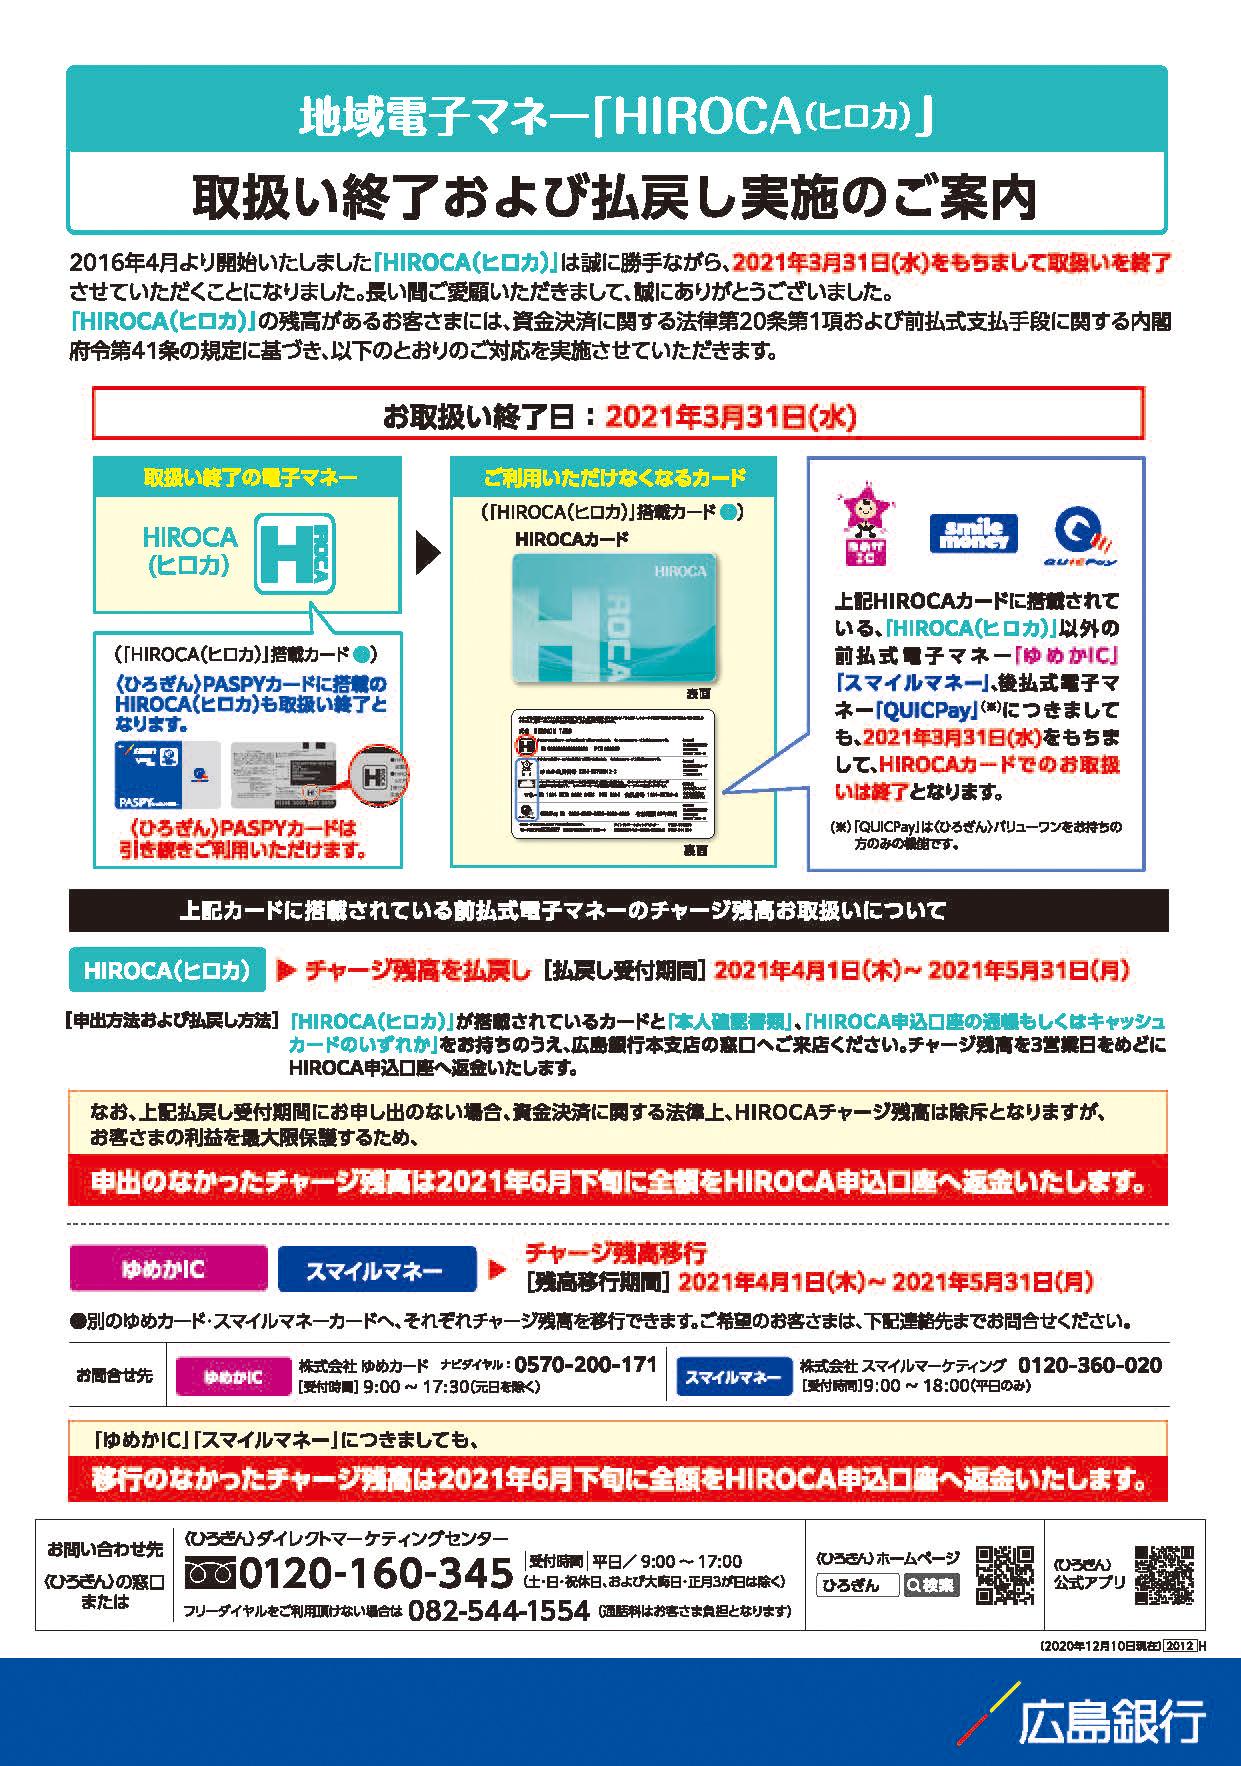 地域電子マネー「HIROCA(ヒロカ)」取扱い終了のお知らせ